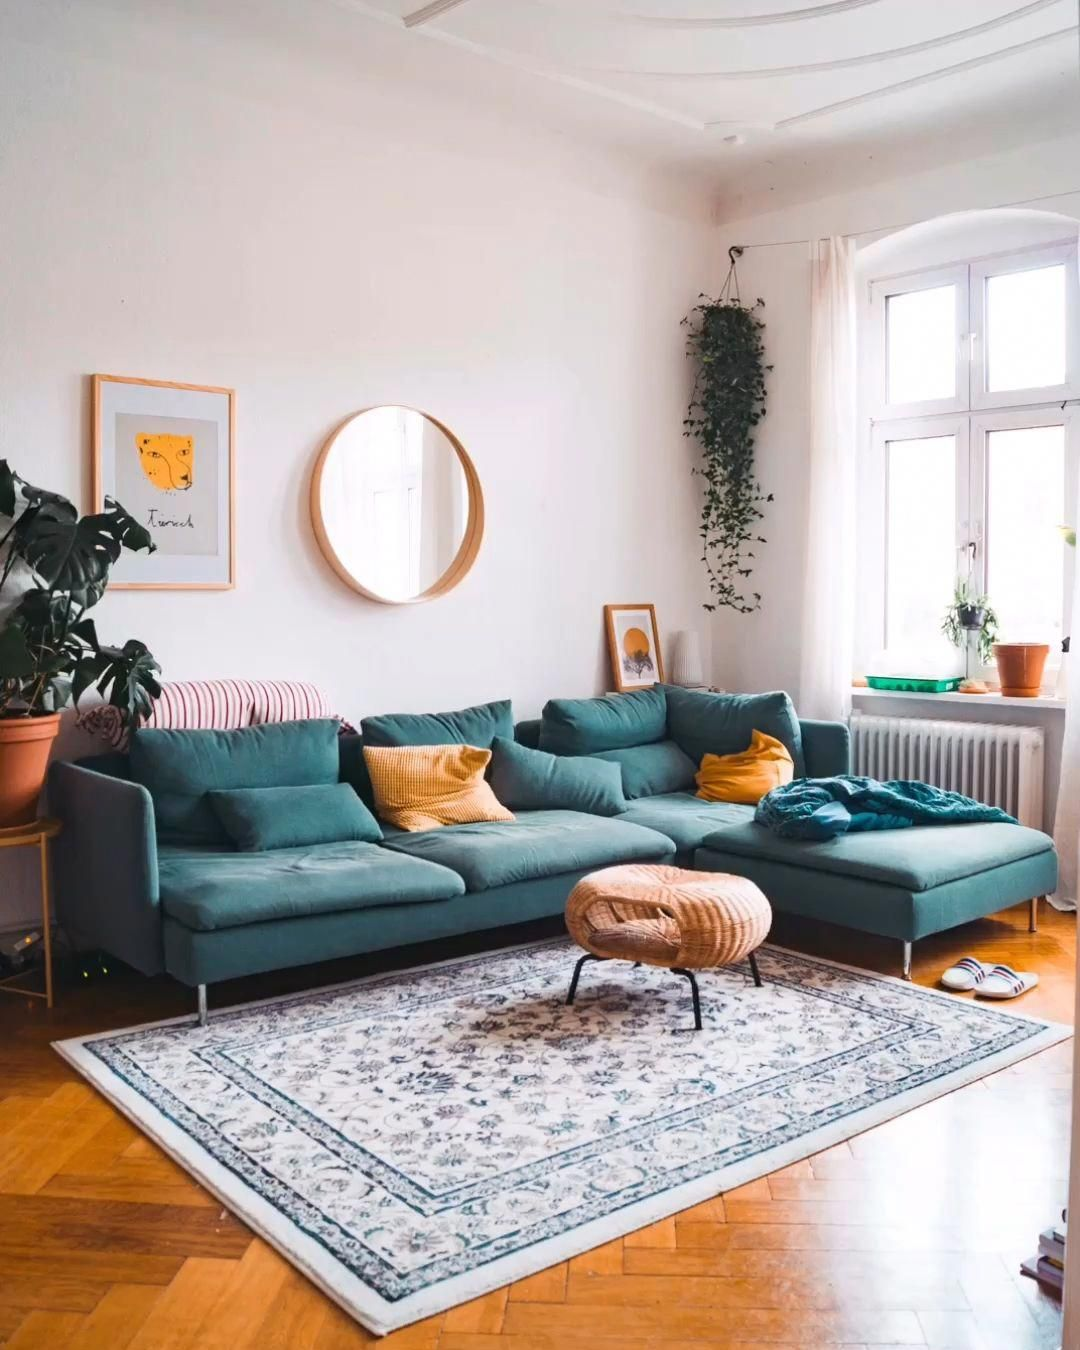 Sich Den Norden Nachhause Holen Und Das Vollig Ohne Reisen Mit Ein Paar Hand Cozy Living Room Design Living Room Decor Apartment Mid Century Living Room Decor